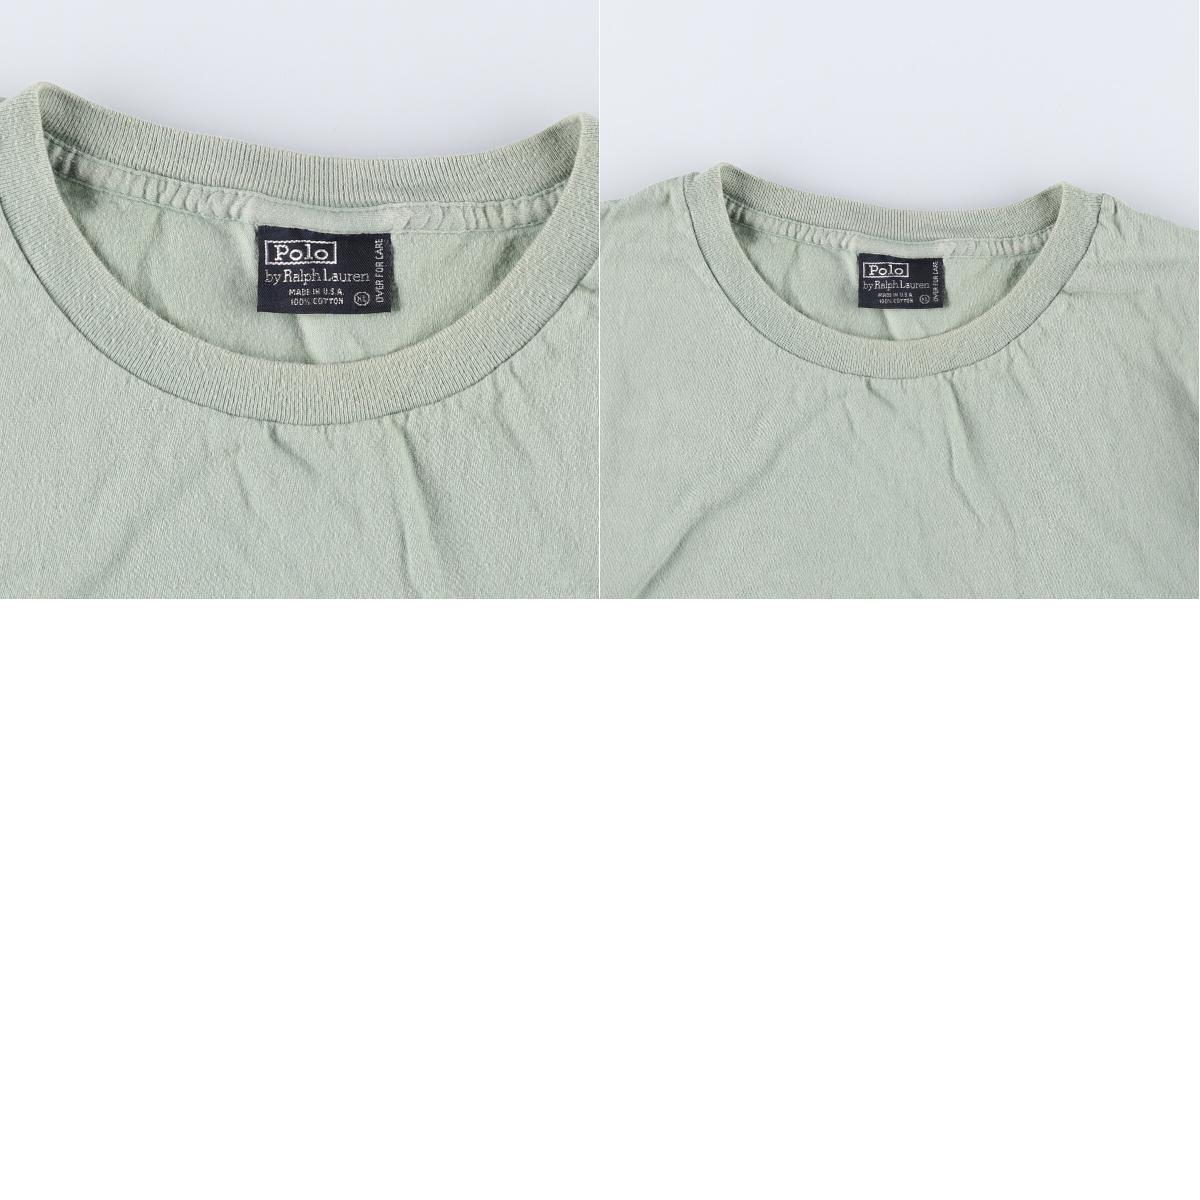 90年代 ラルフローレン POLO by Ralph Lauren 半袖 ワンポイントロゴポケットTシャツ USA製 メンズXL ヴィンテージ /eaa168347_画像3